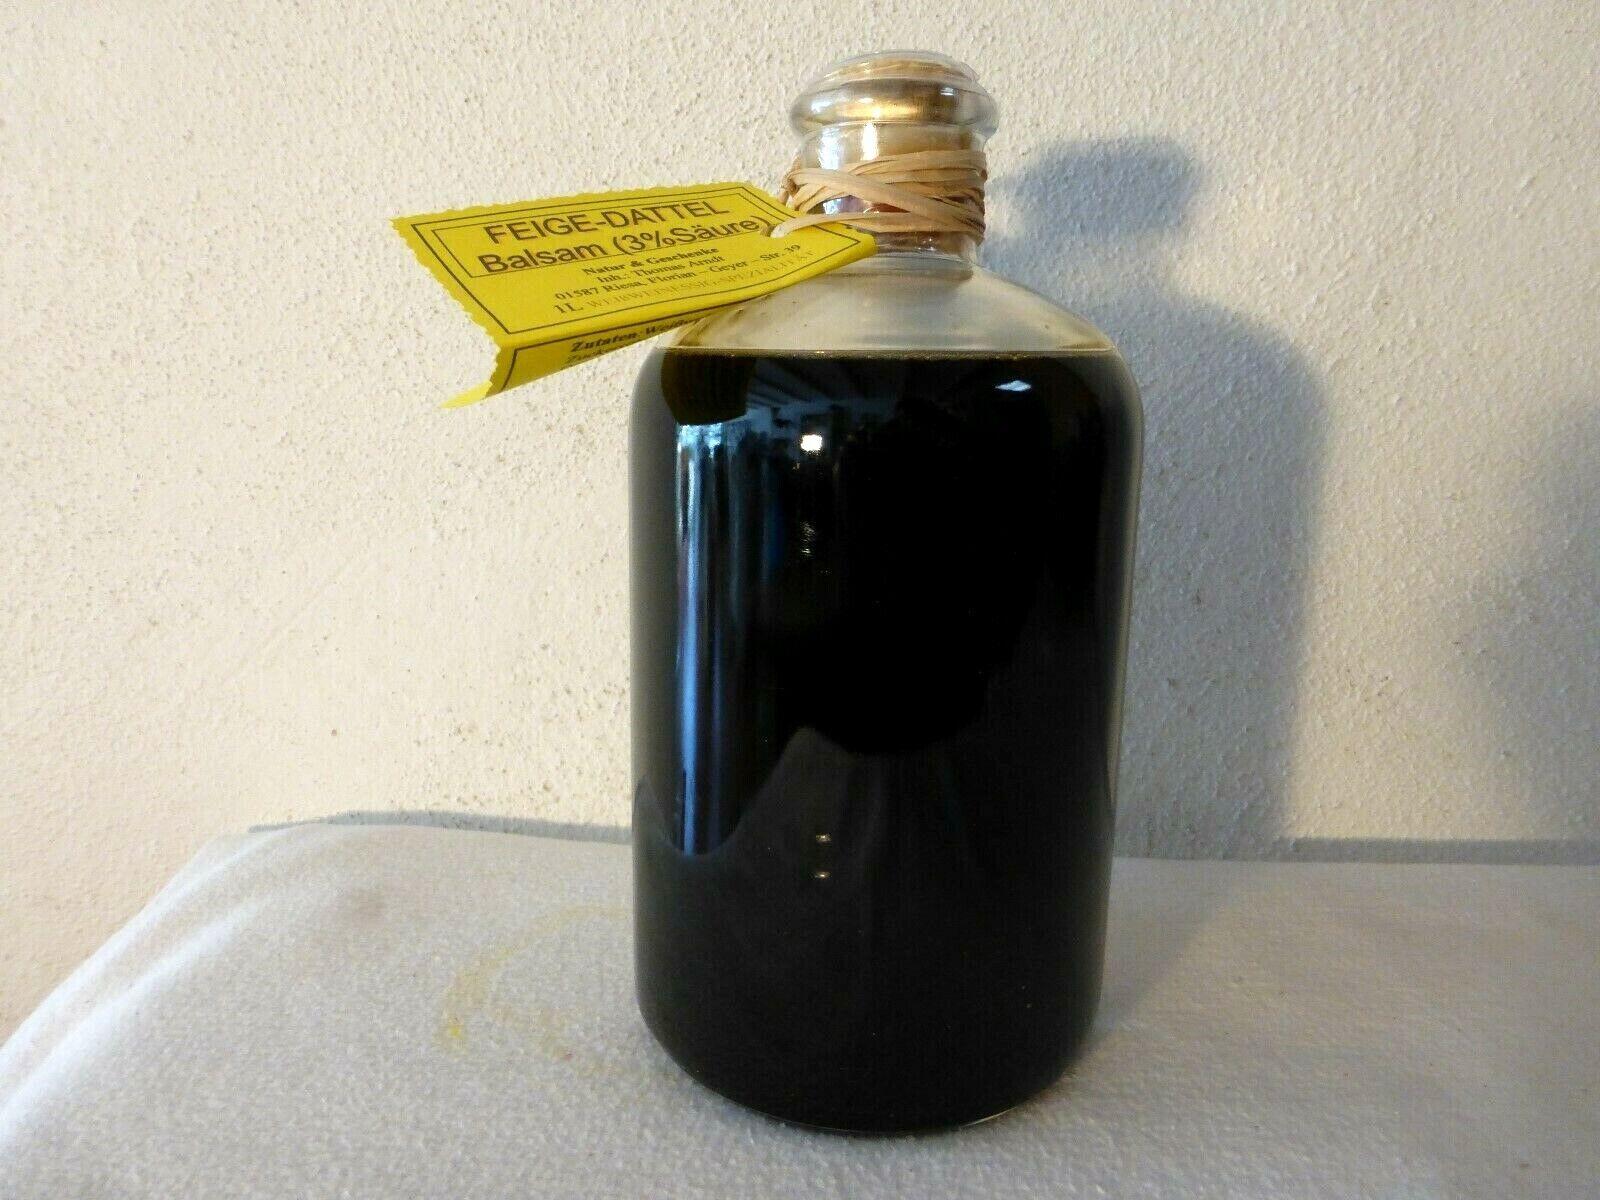 Dattel-Feige-Balsamico-Crema -1,0L -fruchtig und dickflüssig mit Aceto Balsamico